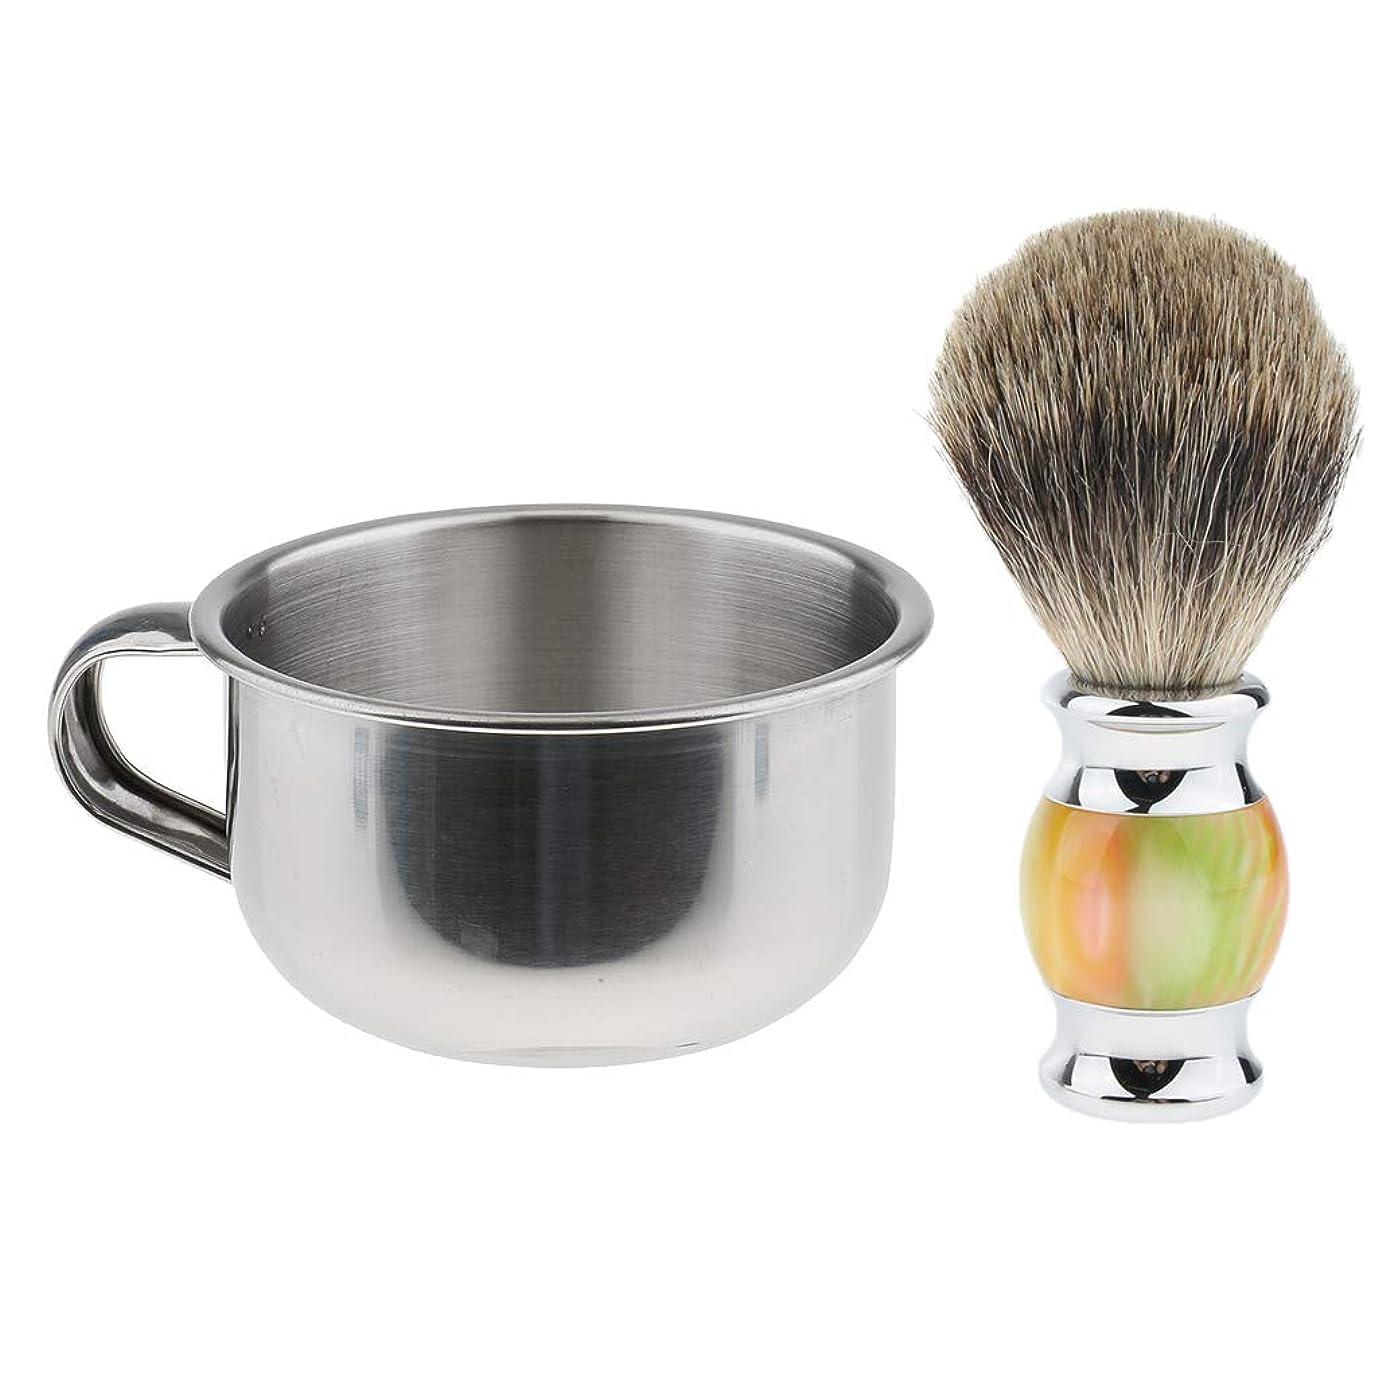 Baoblaze ステンレス 男性 シェービングカップ 理容髭 髭剃り 木製ハンドル シェービングブラシ ひげブラシ